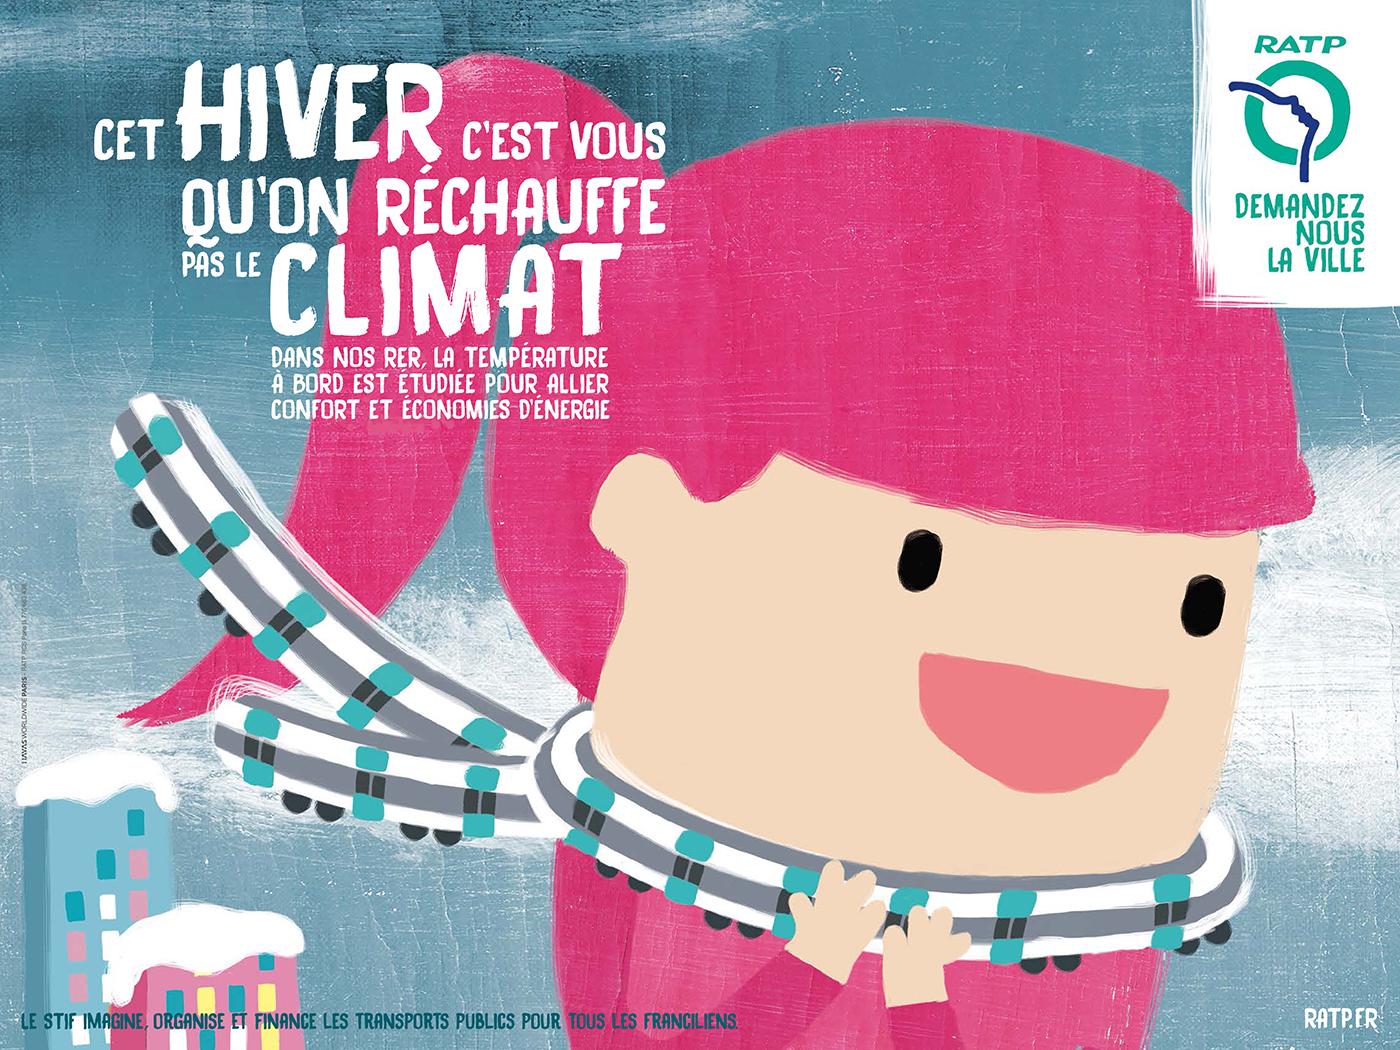 ratp-publicite-affichage-environnement-COP21-STIF-franciliens-demandez-nous-la-ville-agence-havas-paris-6